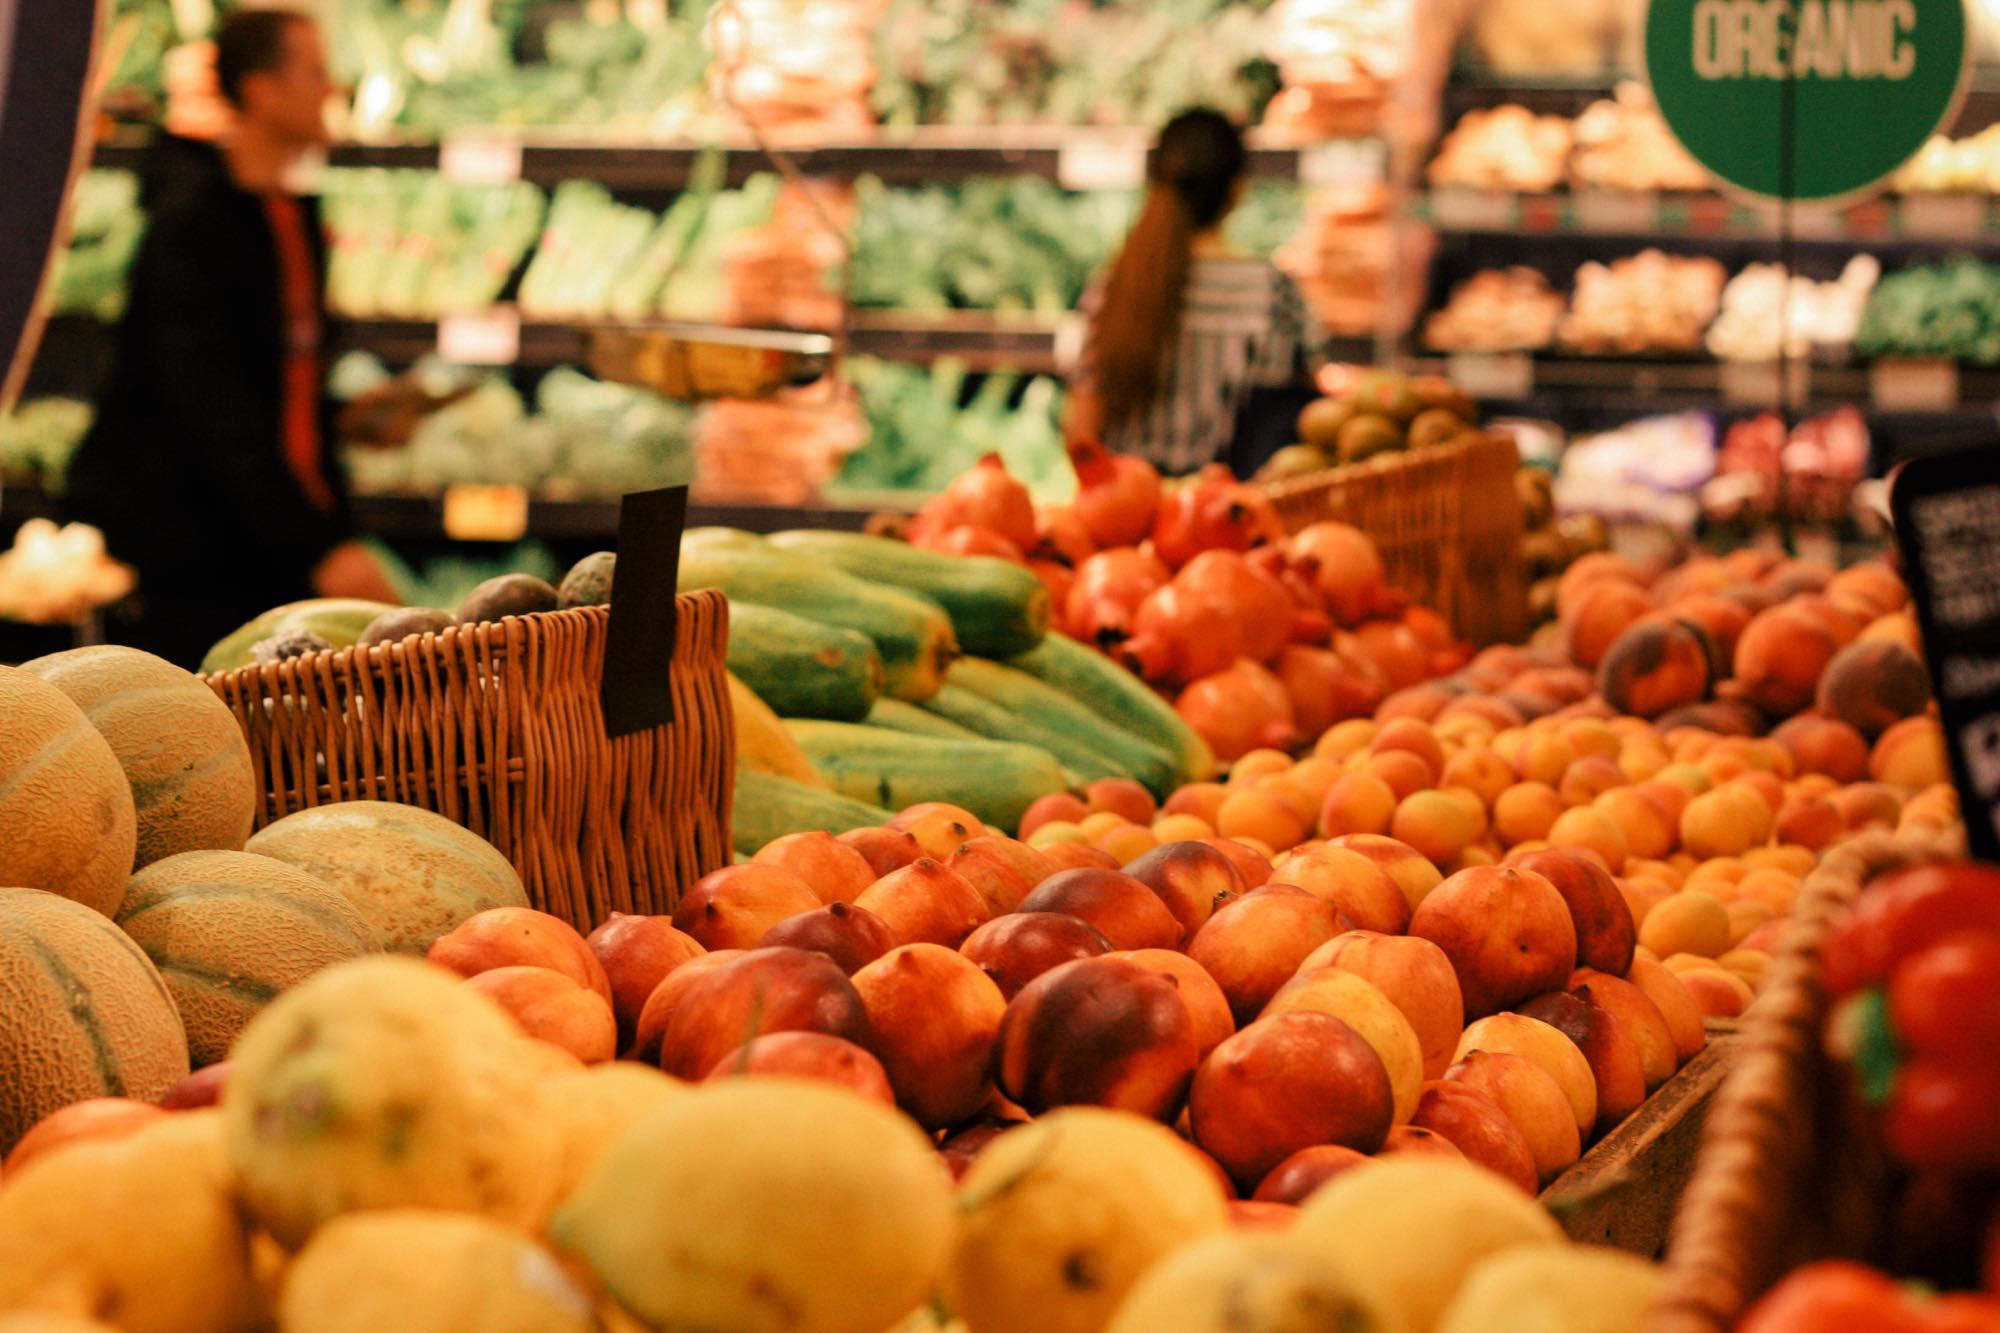 ロンドンのスーパーにはオーガニックの野菜が所狭しと並ぶ